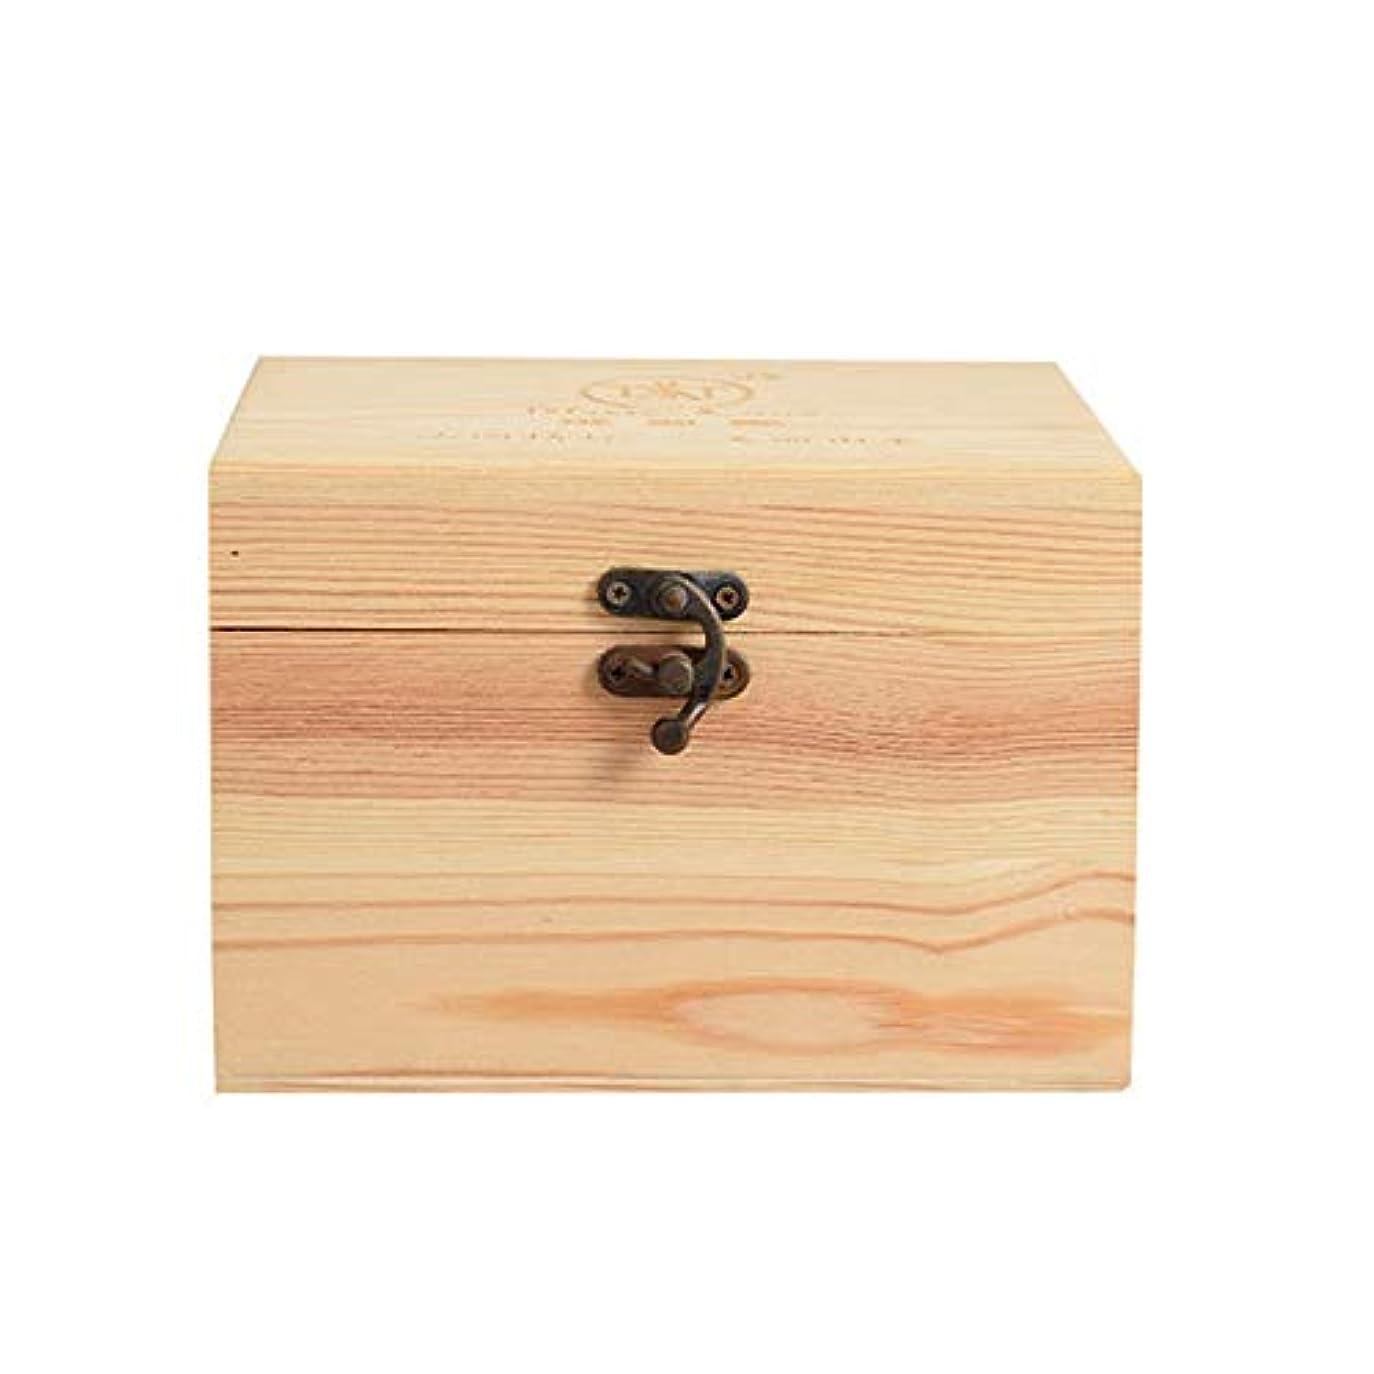 晩ごはんふさわしい引き渡すプレゼンテーションのために9ボトル木製エッセンシャルオイルストレージボックスパーフェクトエッセンシャルオイルケースは被害太陽光からあなたの油を保護します アロマセラピー製品 (色 : Natural, サイズ : 16.5X11.5X15CM)